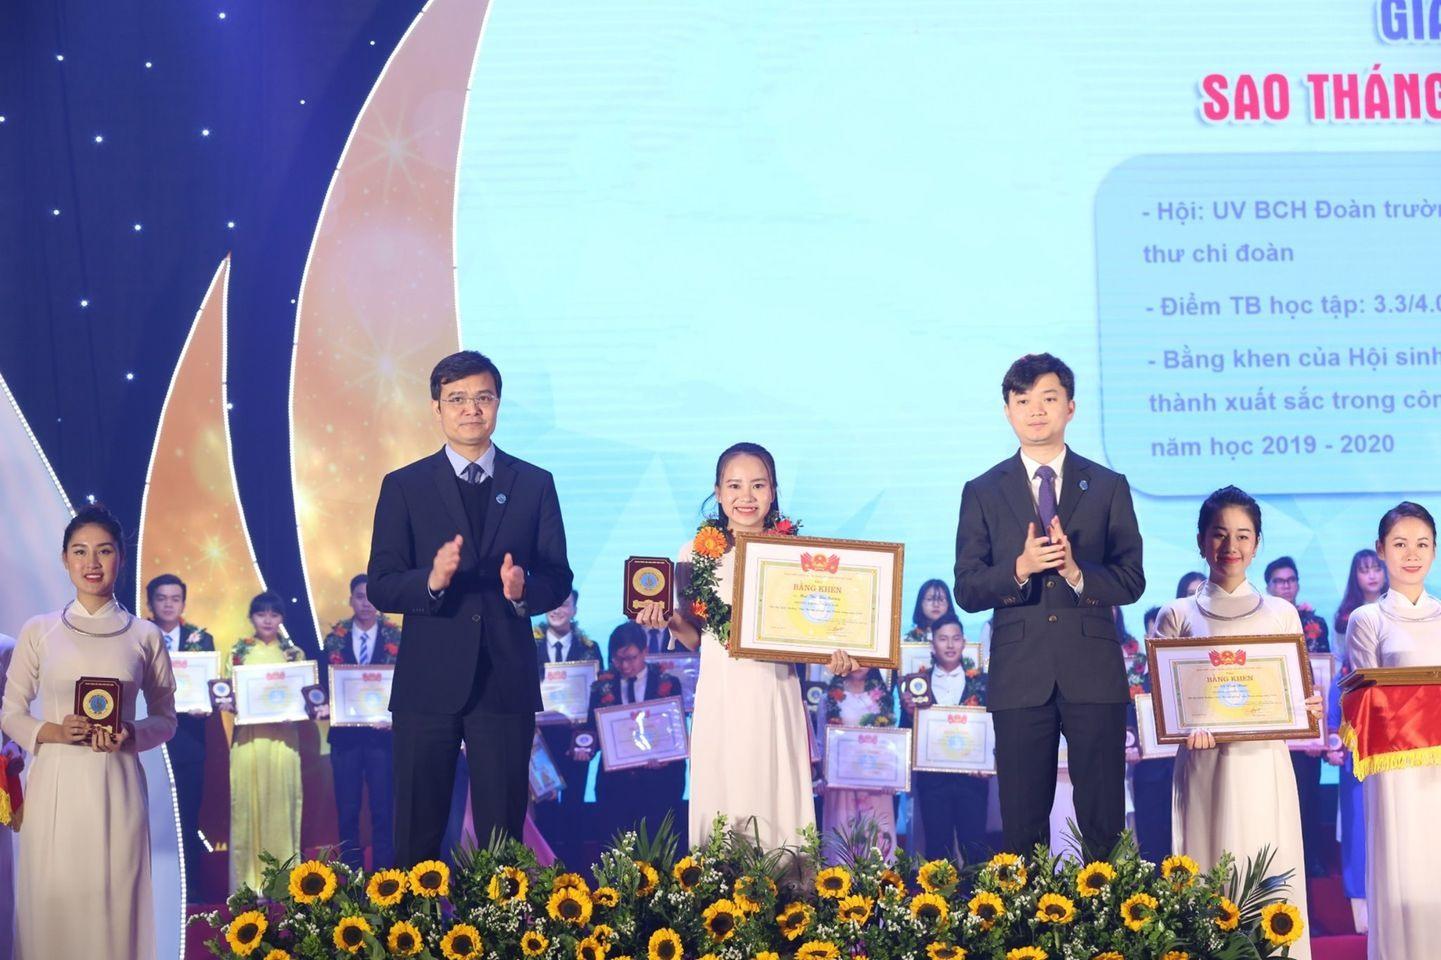 """Mai Thị Thu Sương nhận giải thưởng """"Sao tháng Giêng"""" của Trung ương Hội Sinh viên Việt Nam. Ảnh: Nhân vật cung cấp"""